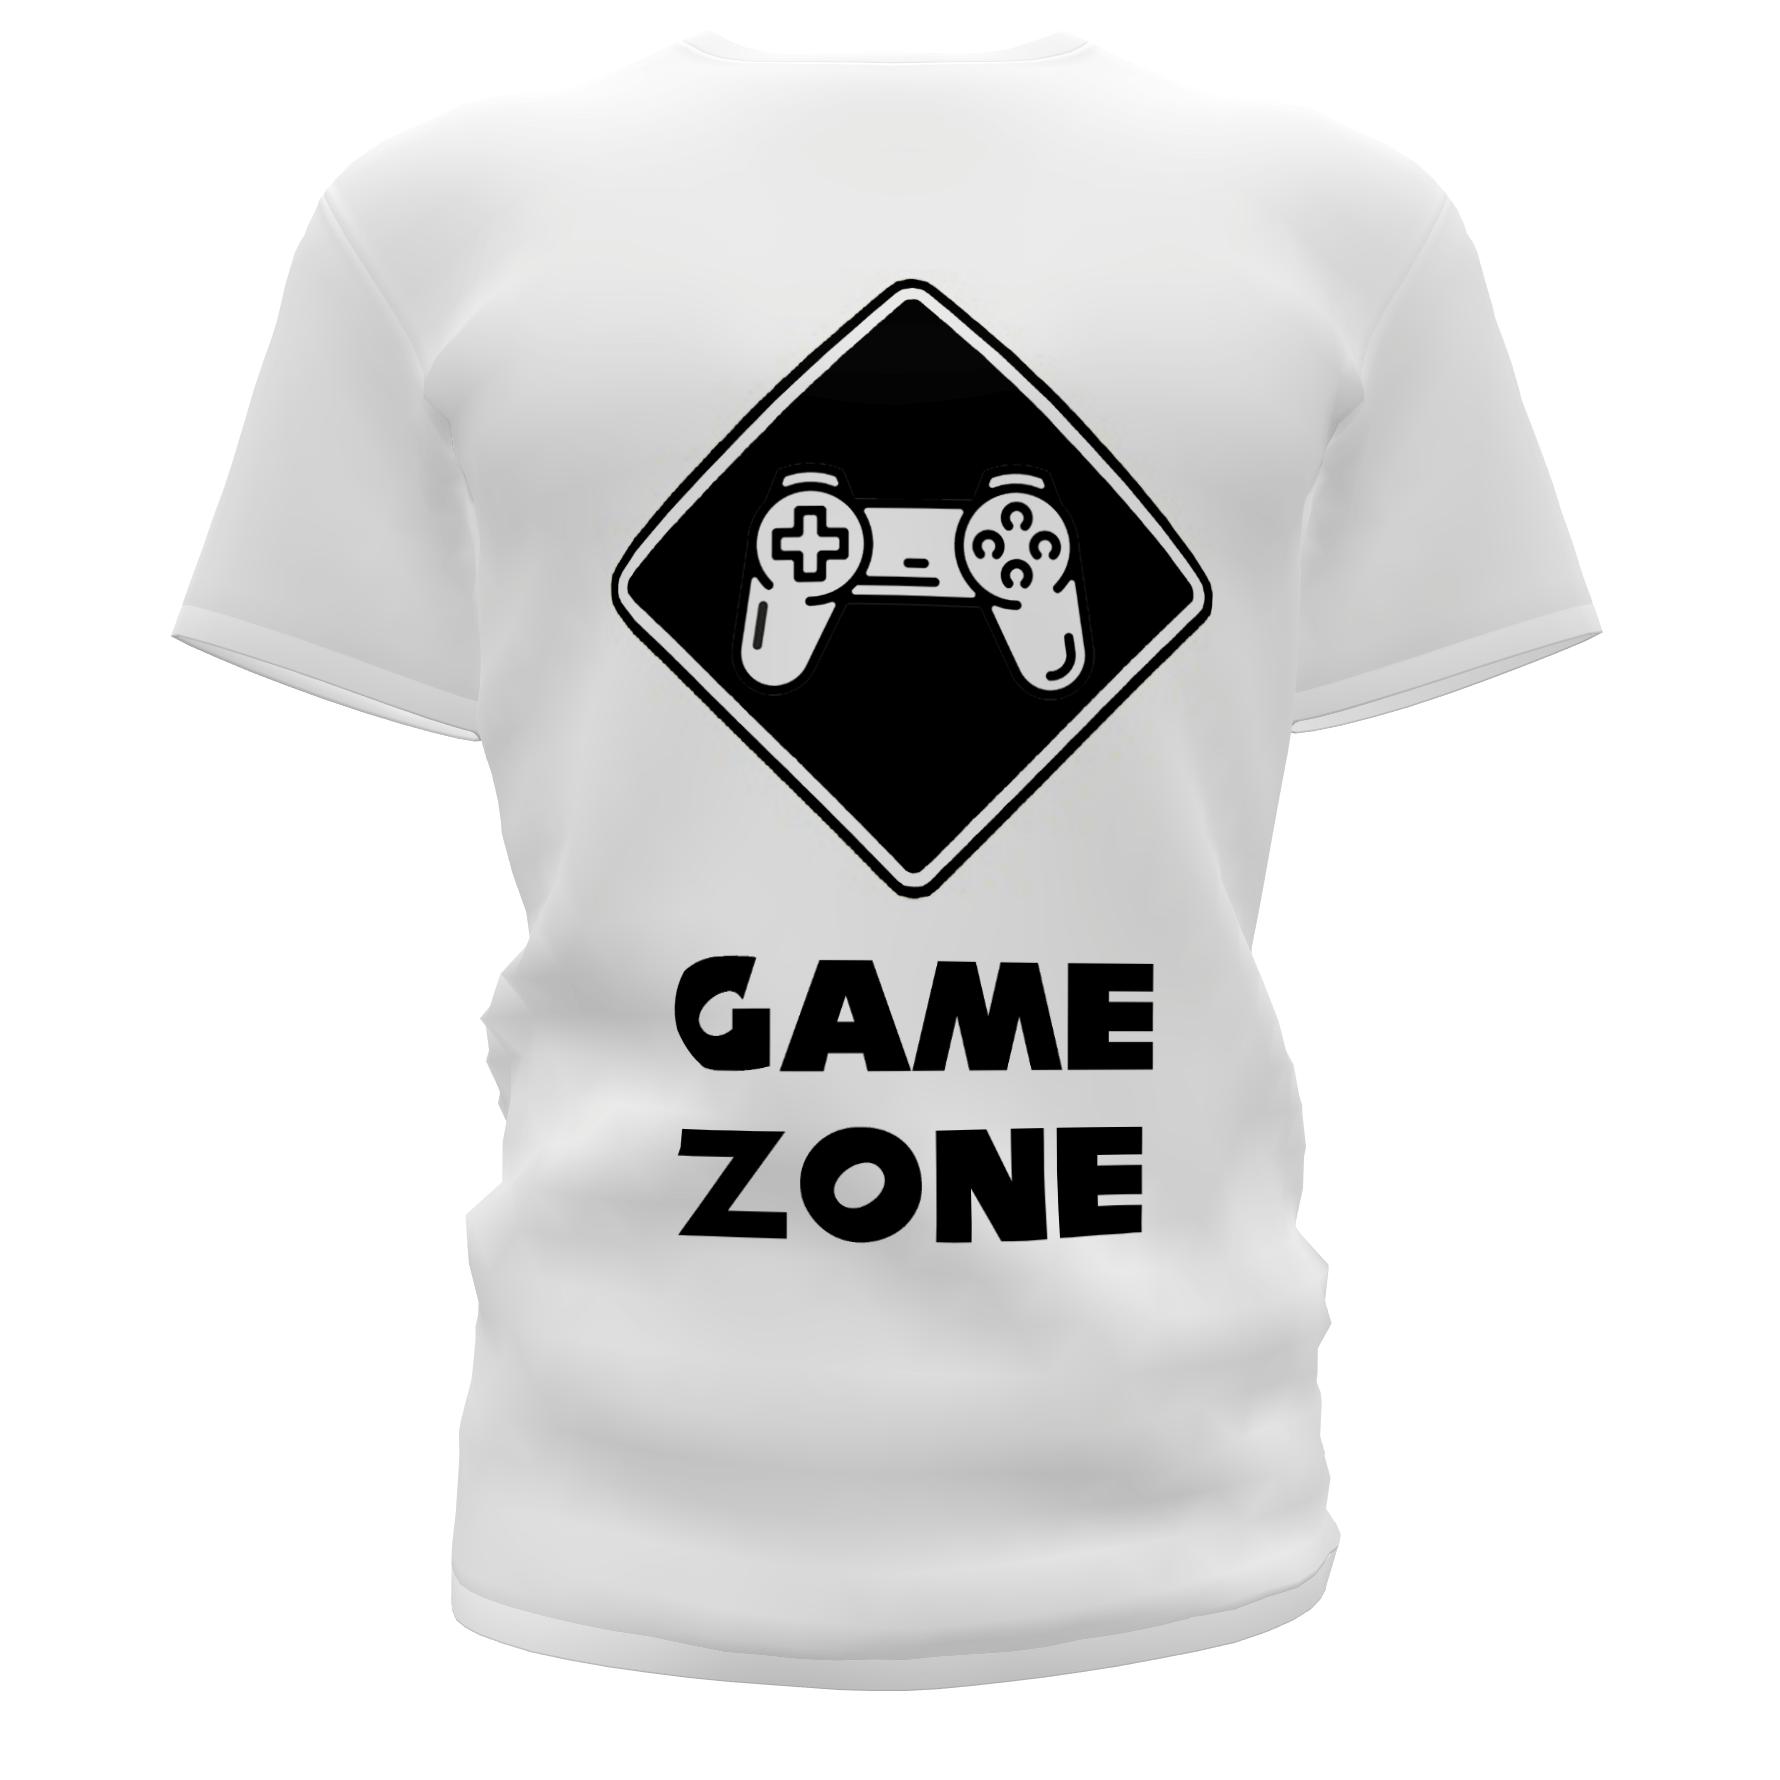 Camisetas Games Personalizadas